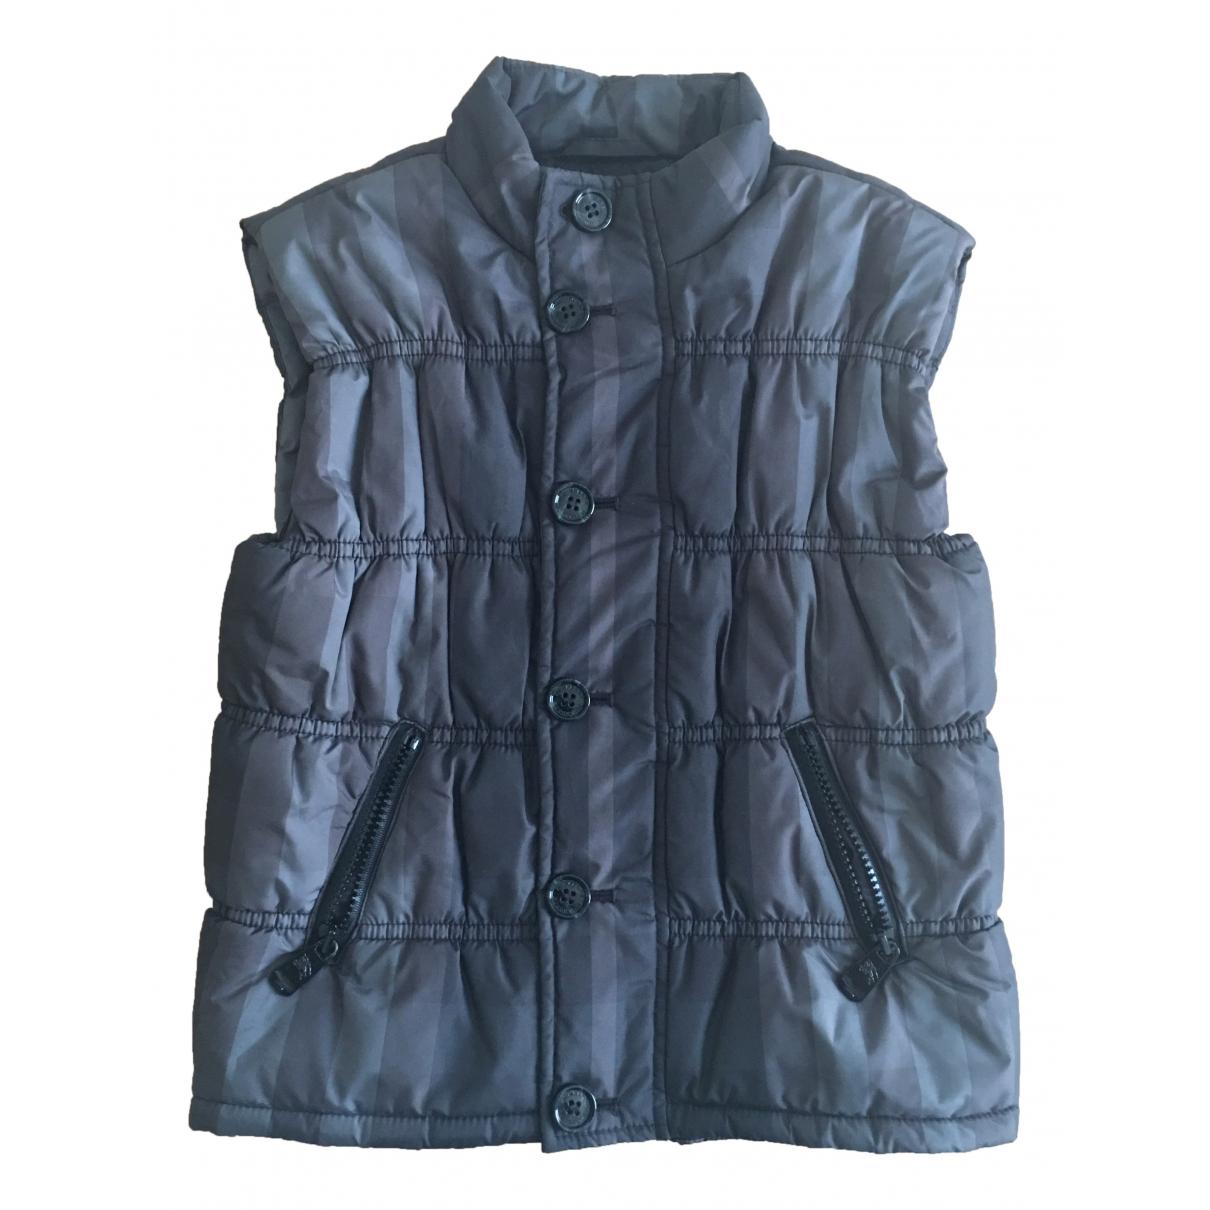 Burberry - Blousons.Manteaux   pour enfant - anthracite